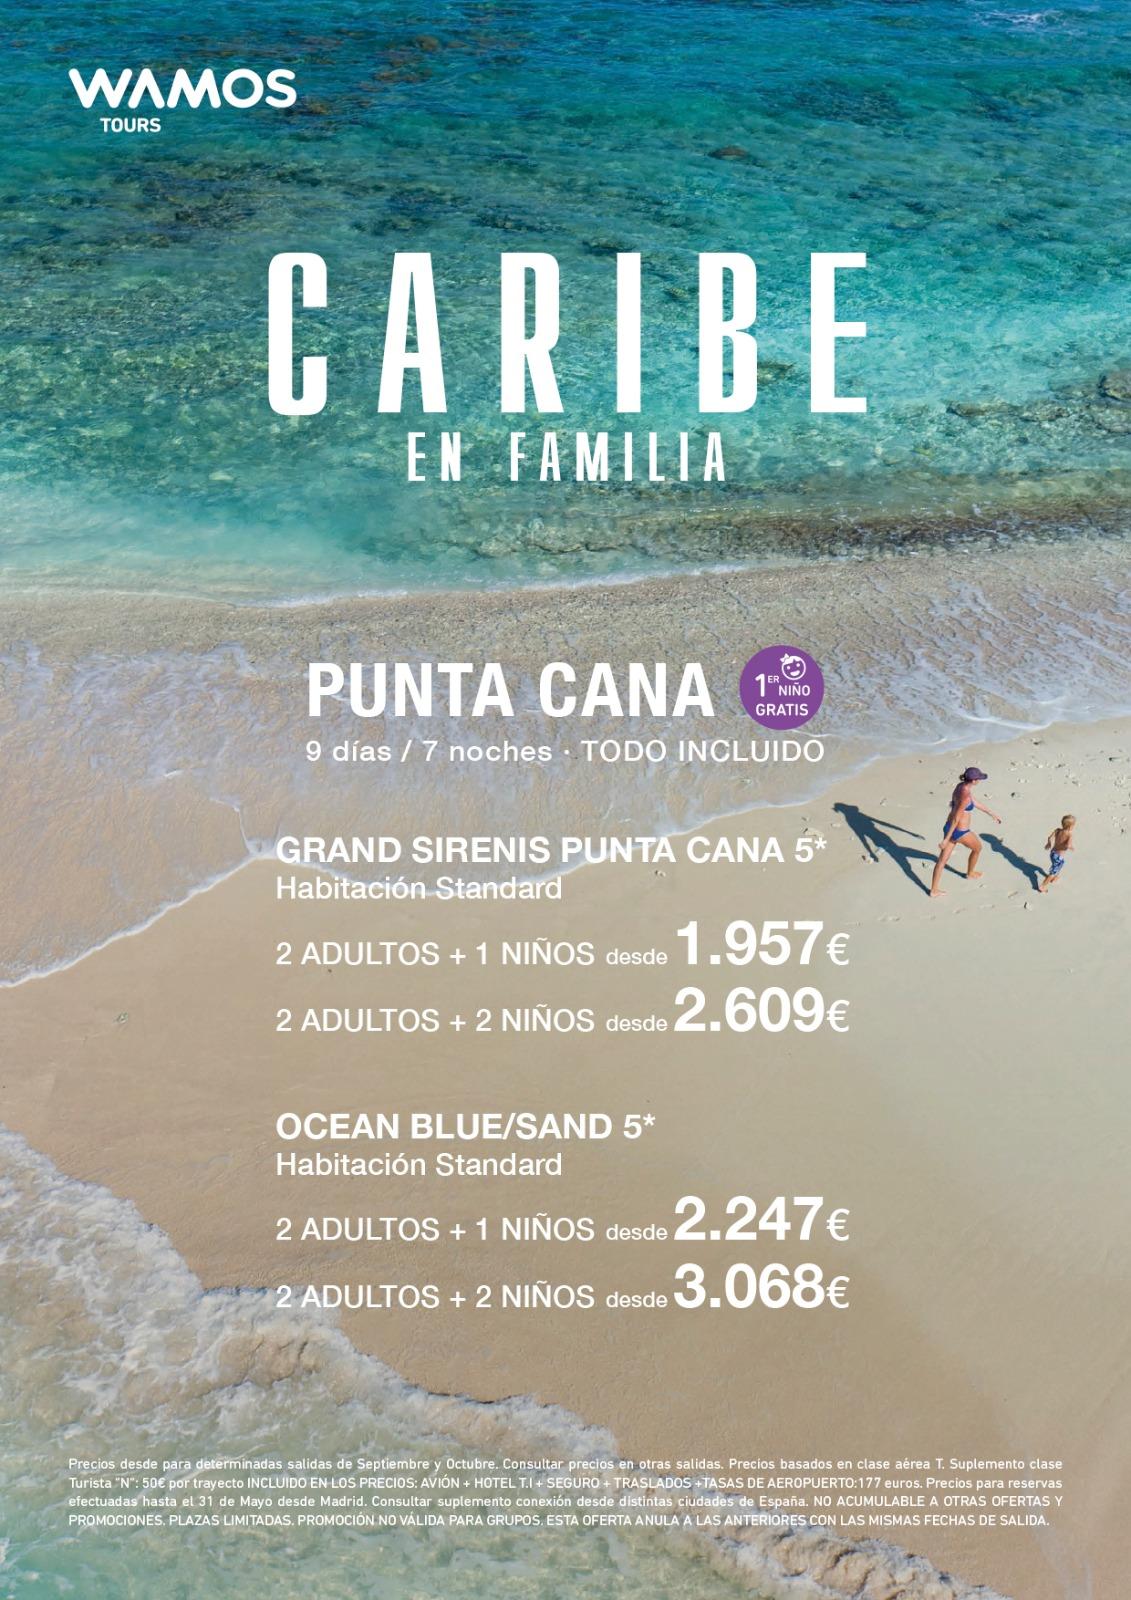 Superoferta Wamos Tours Familias Republica Dominicana Punta Cana Verano 2021